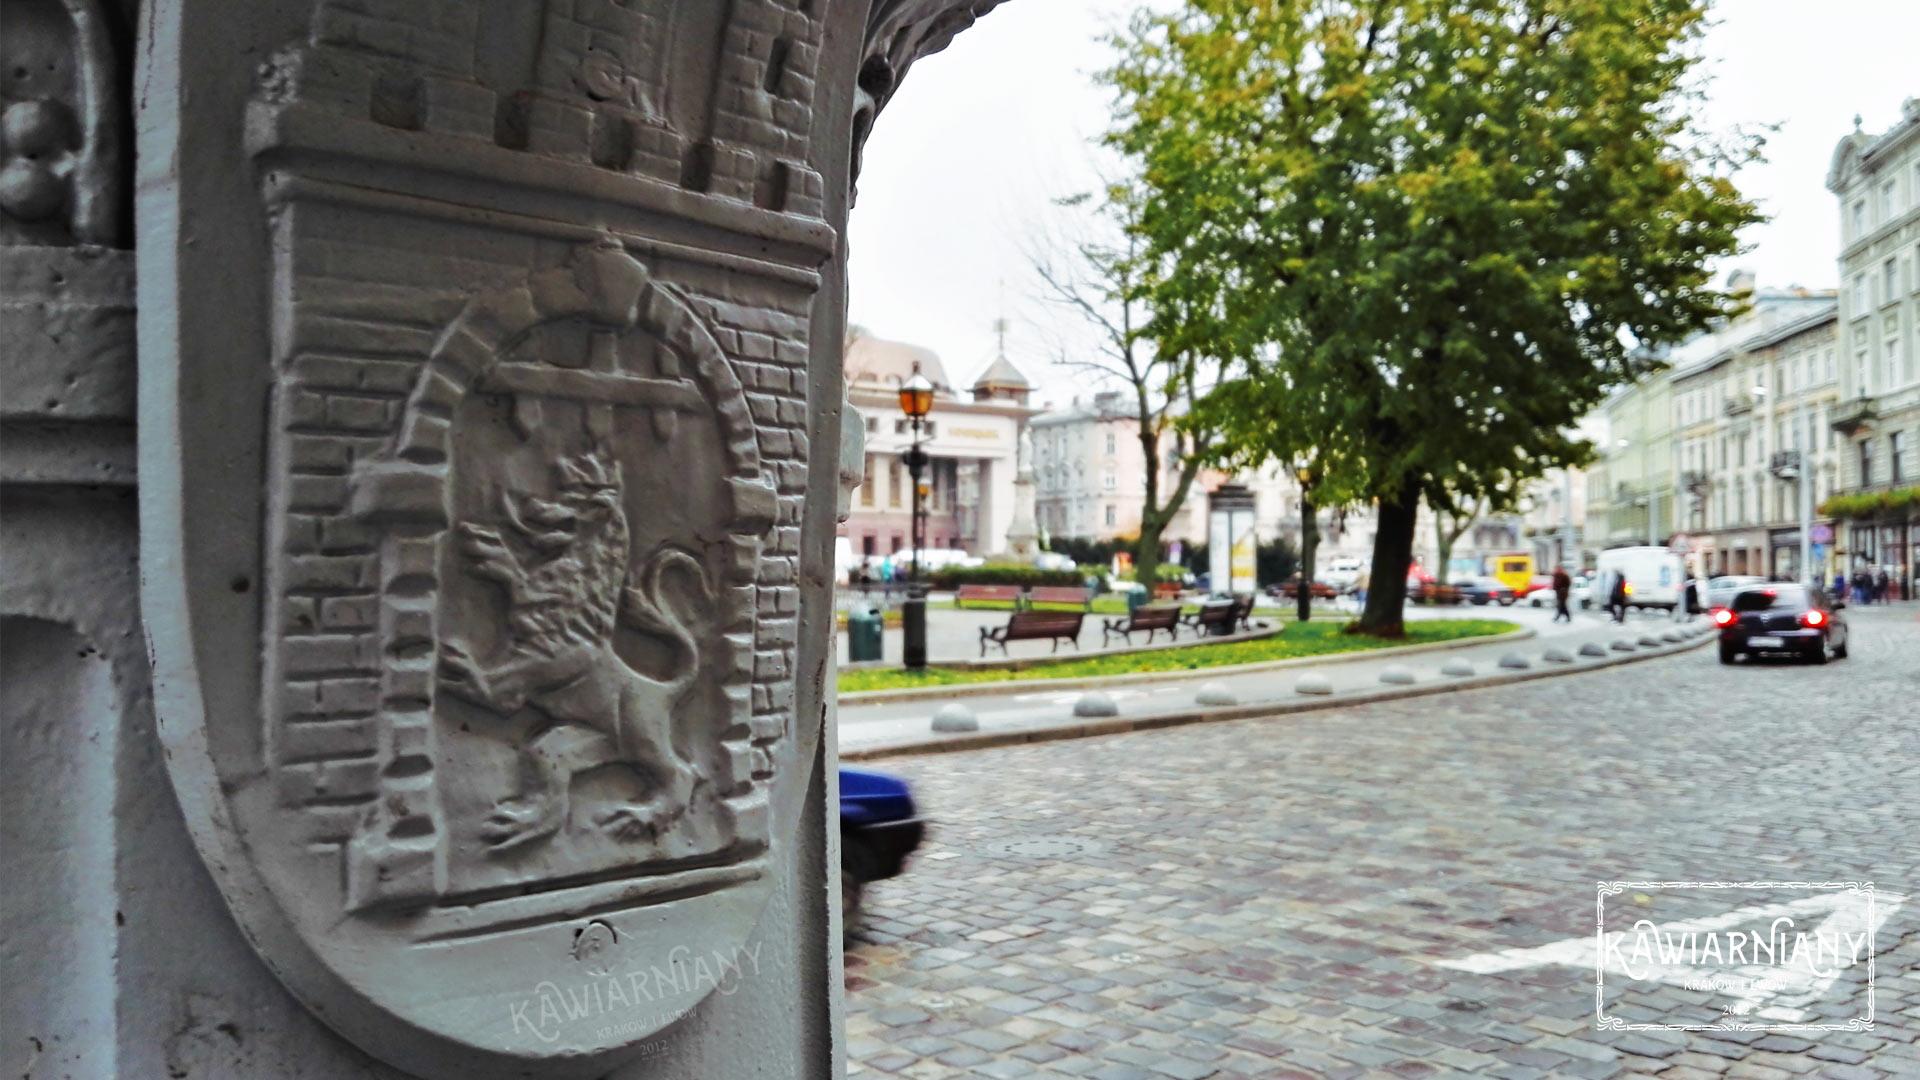 Lwów - polska latarnia na Wałach Hetmańskich